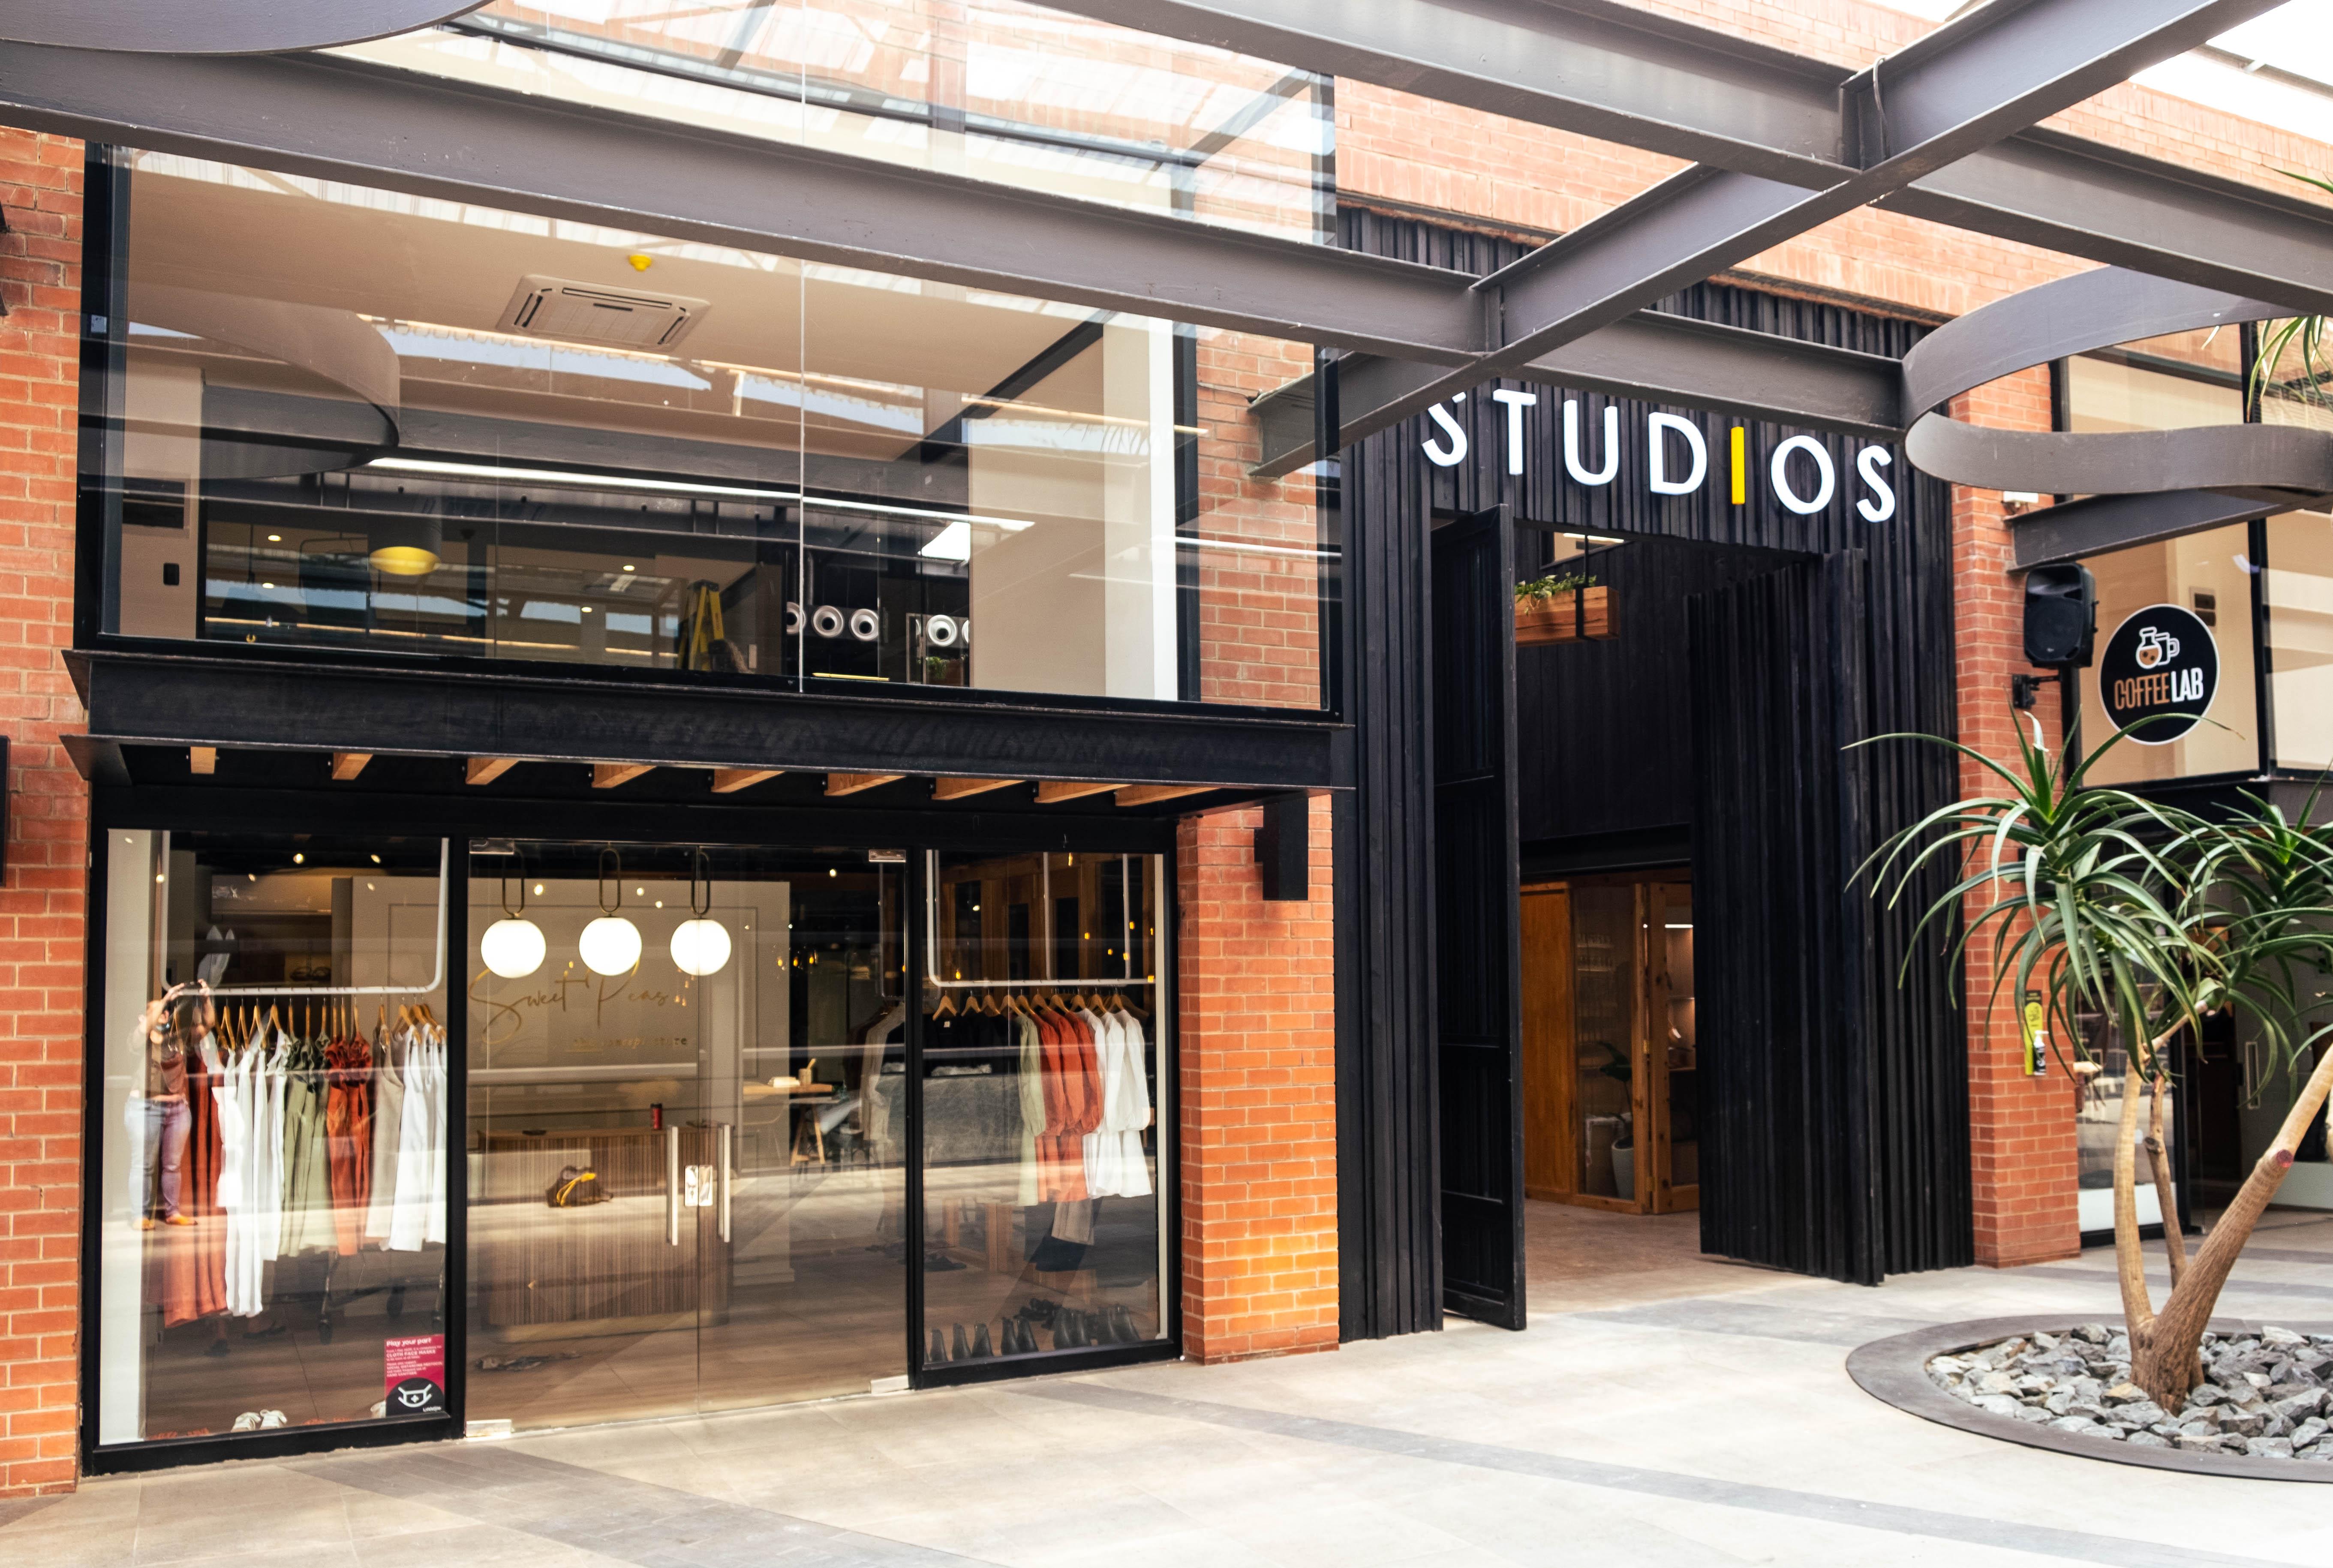 THE STUDIOS enhances the uniqueness of Lifestyle Centre